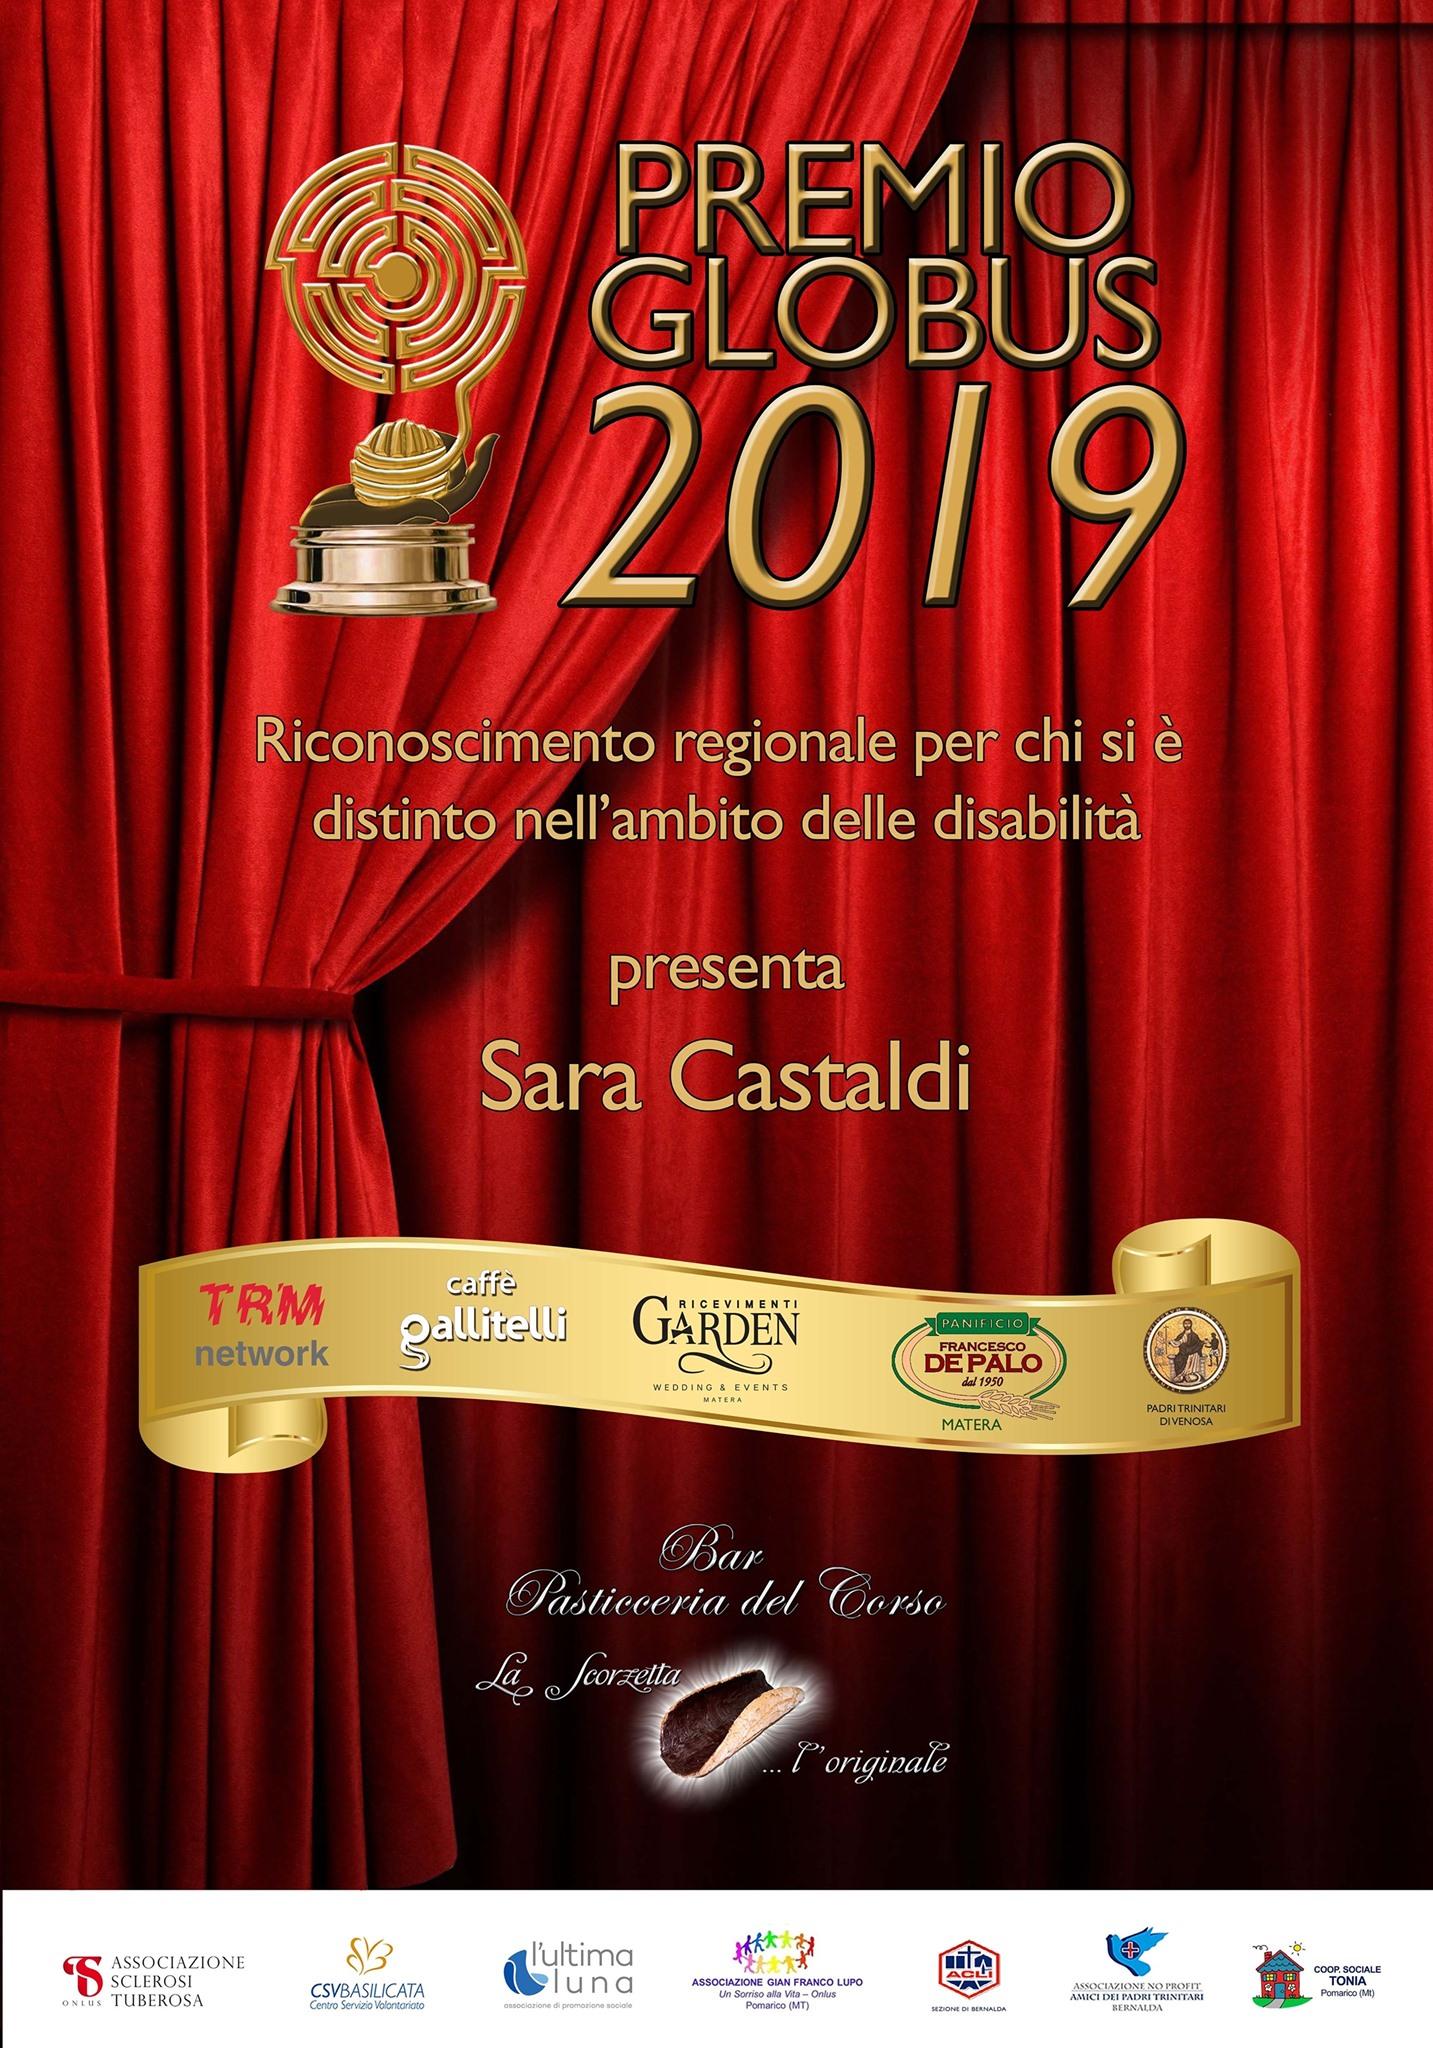 premio globus 2019 11